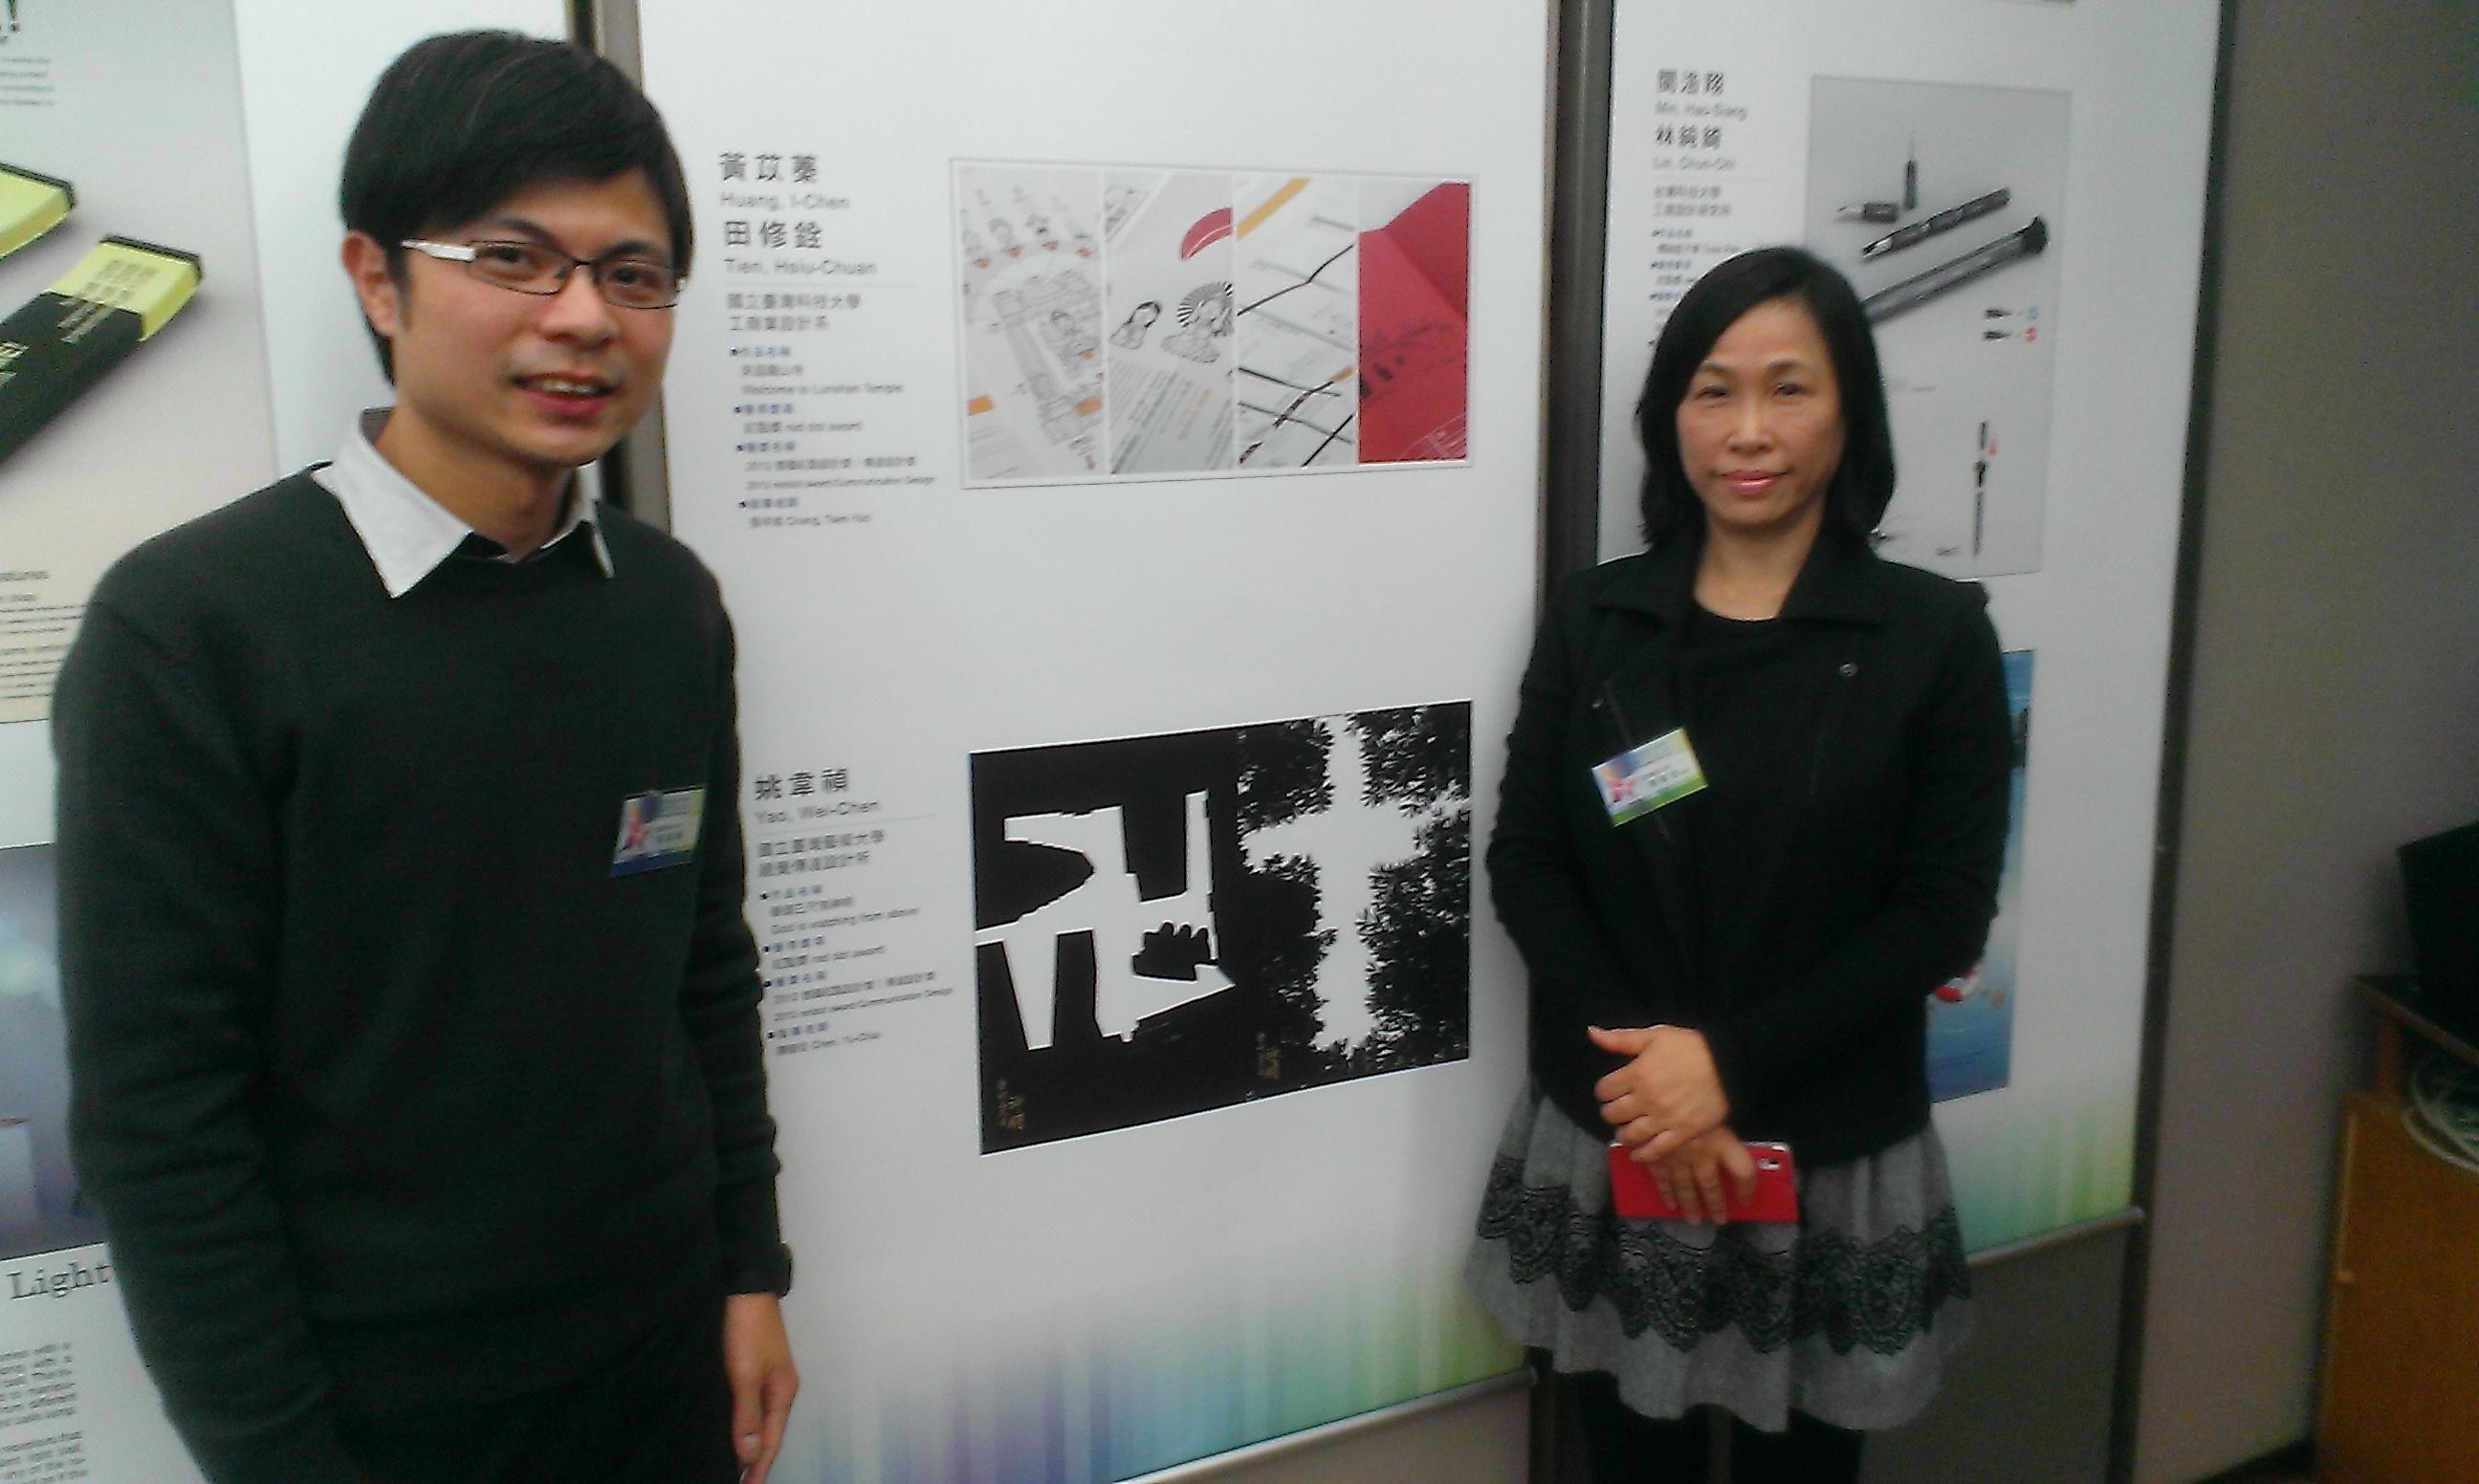 賀!設博班姚韋禎榮獲2014德國設計獎「入選」殊榮